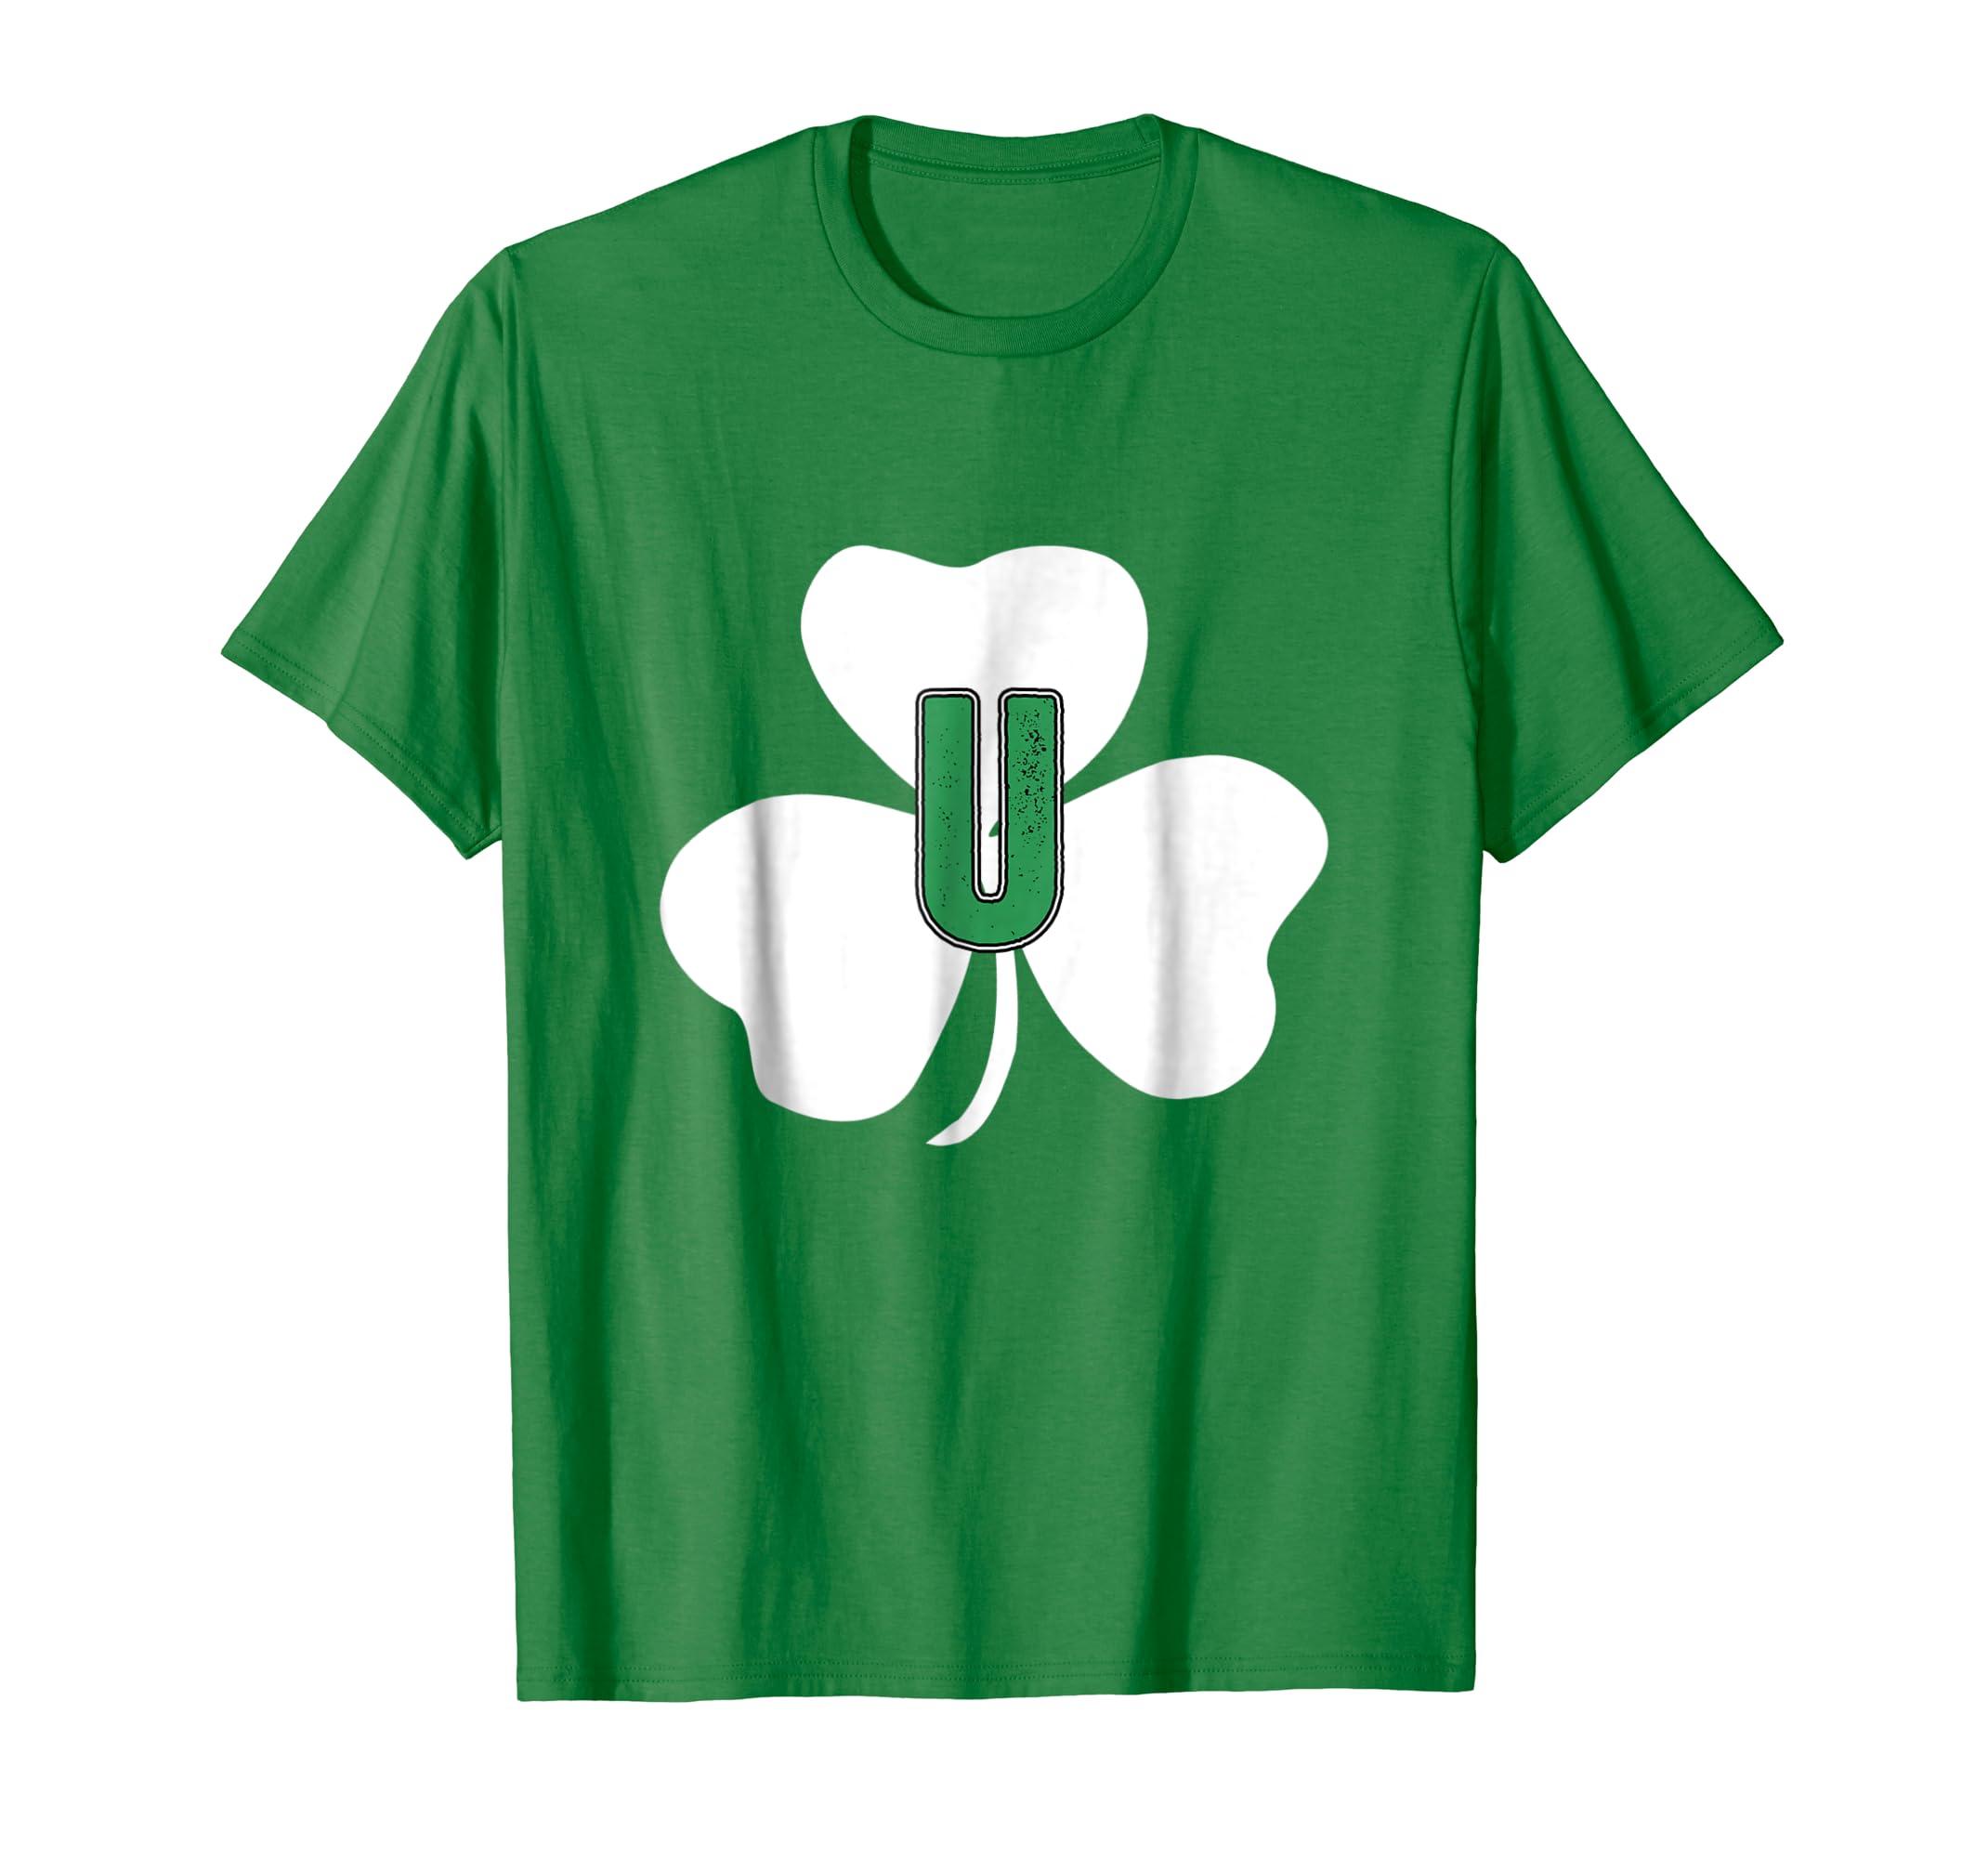 80f0189aa Amazon.com: St Patricks Day Shamrock Vintage Shirt for Family Monogram U:  Clothing